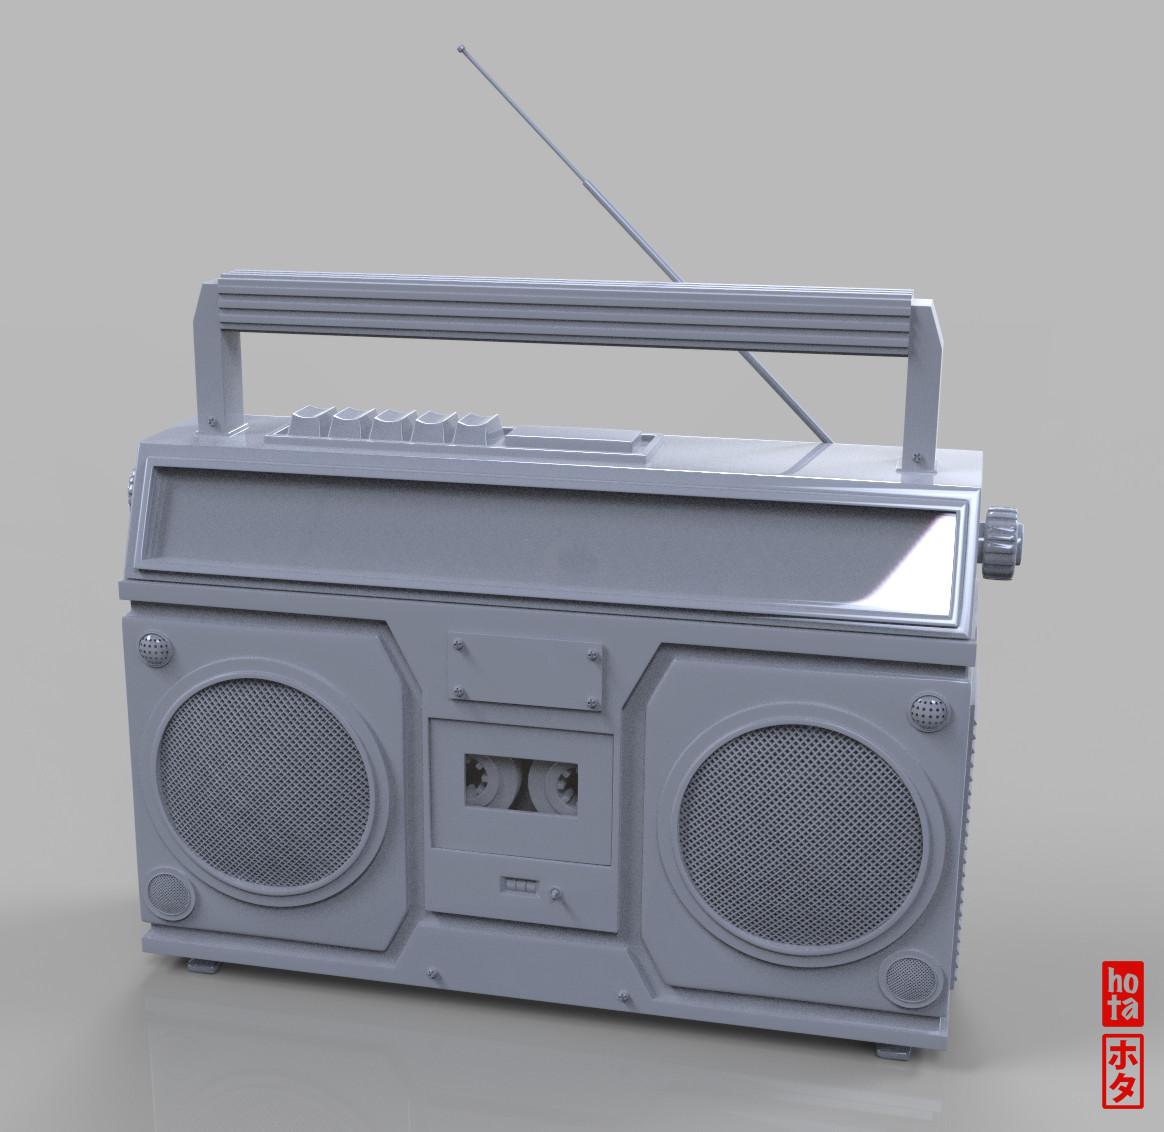 Hota aisa radio4